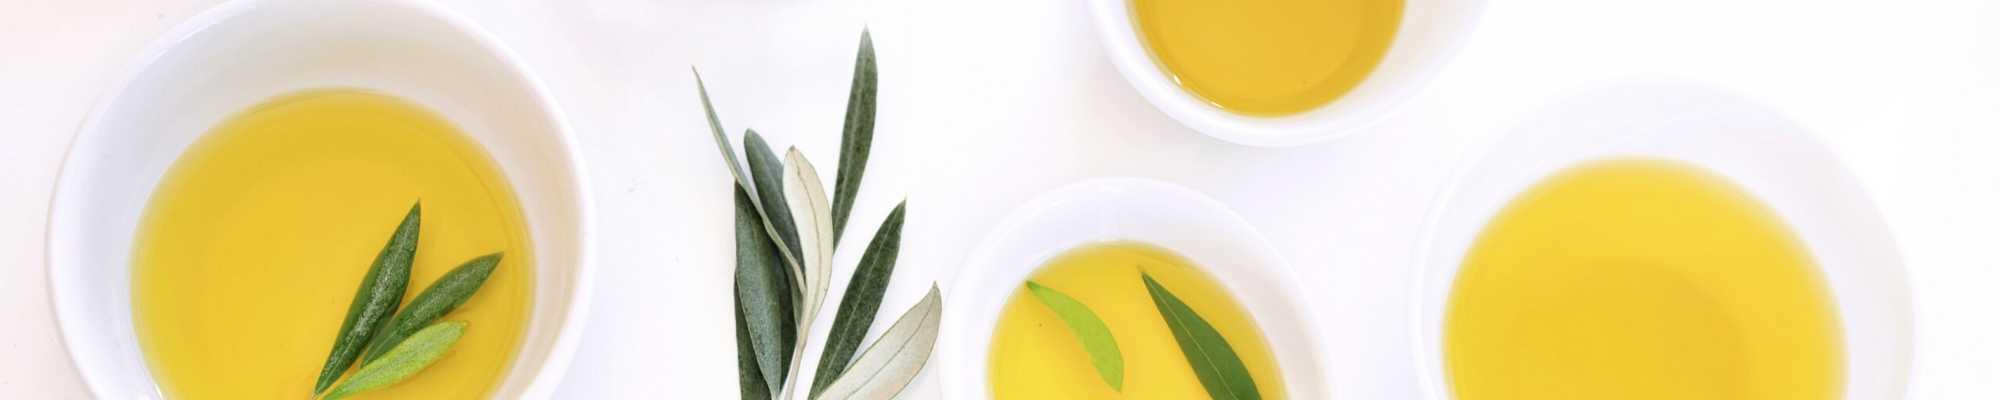 Huile d'olive BIO - FRESKOA